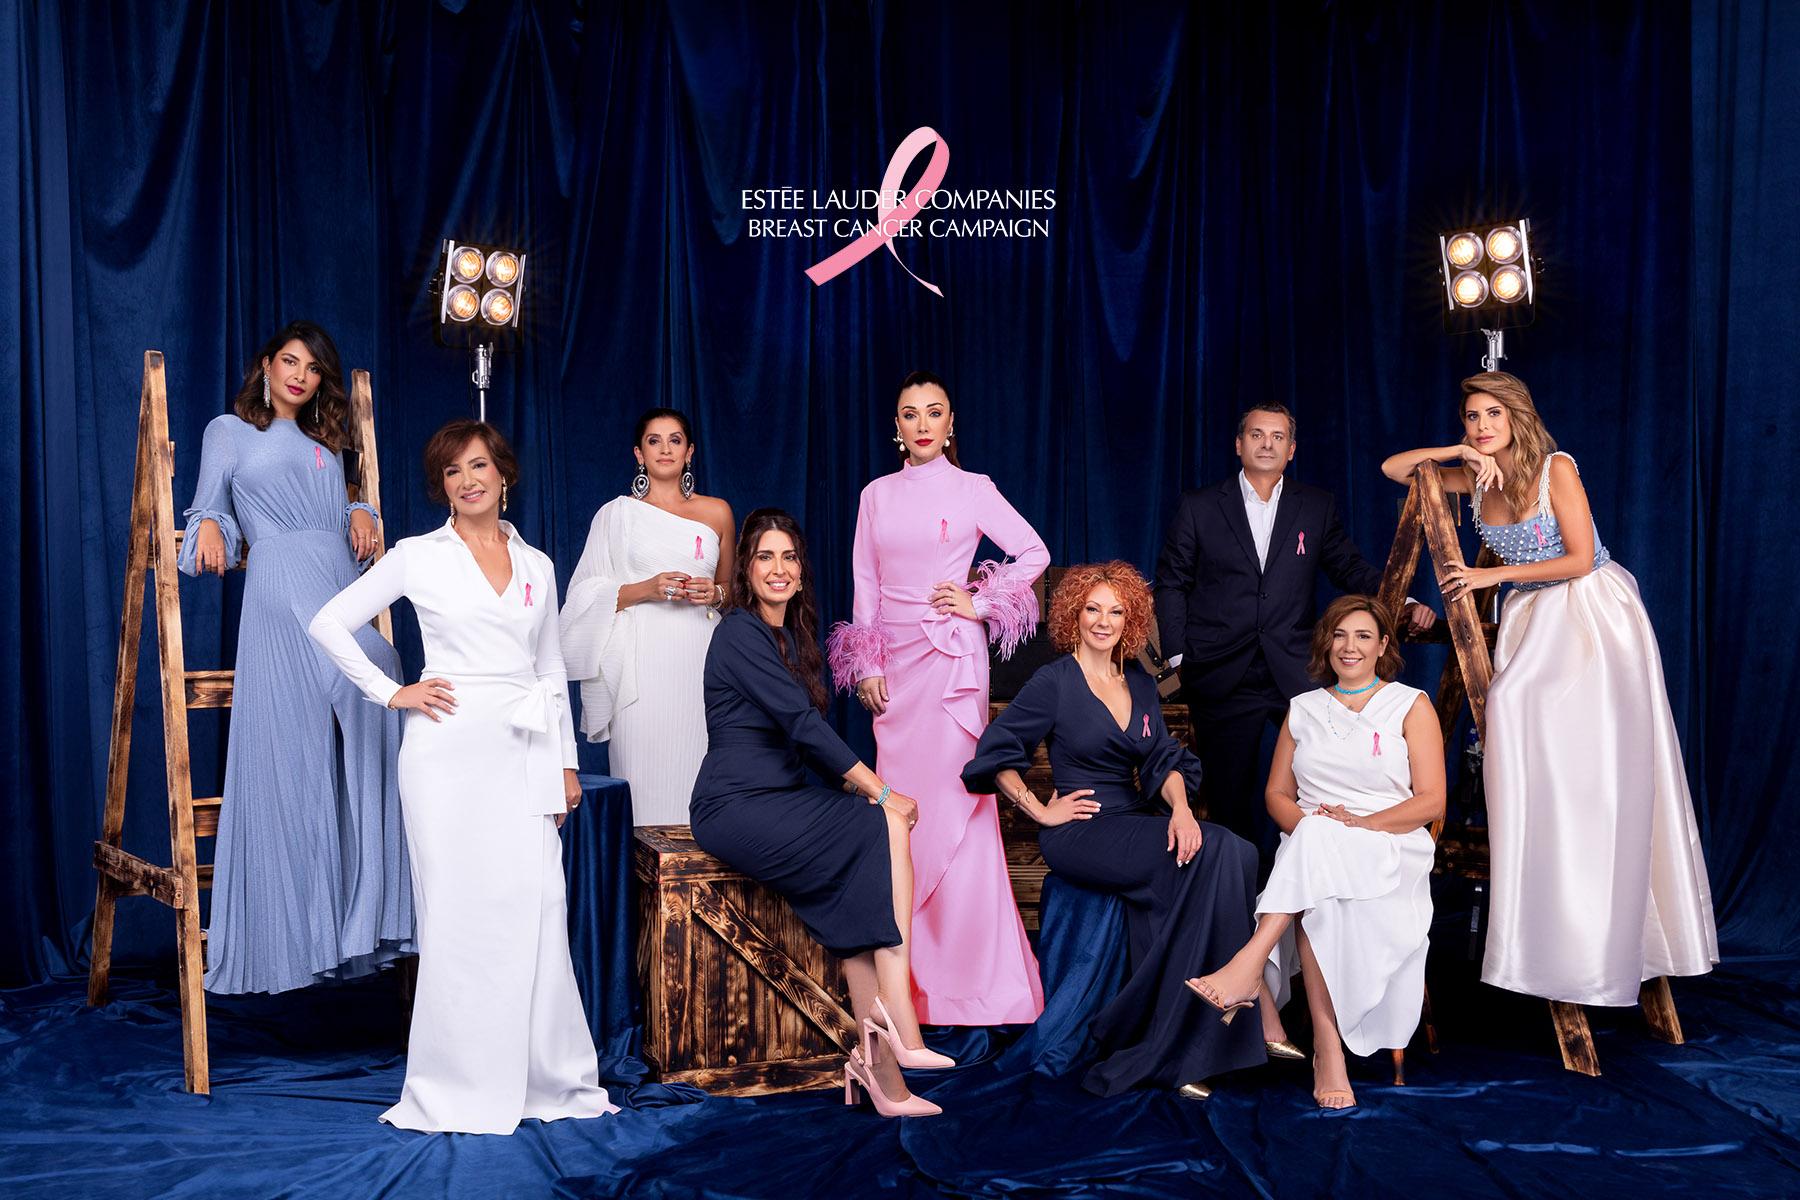 Estée Lauder Breast Cancer Campaign by Loesje Kessels - Fashion Photographer Dubai